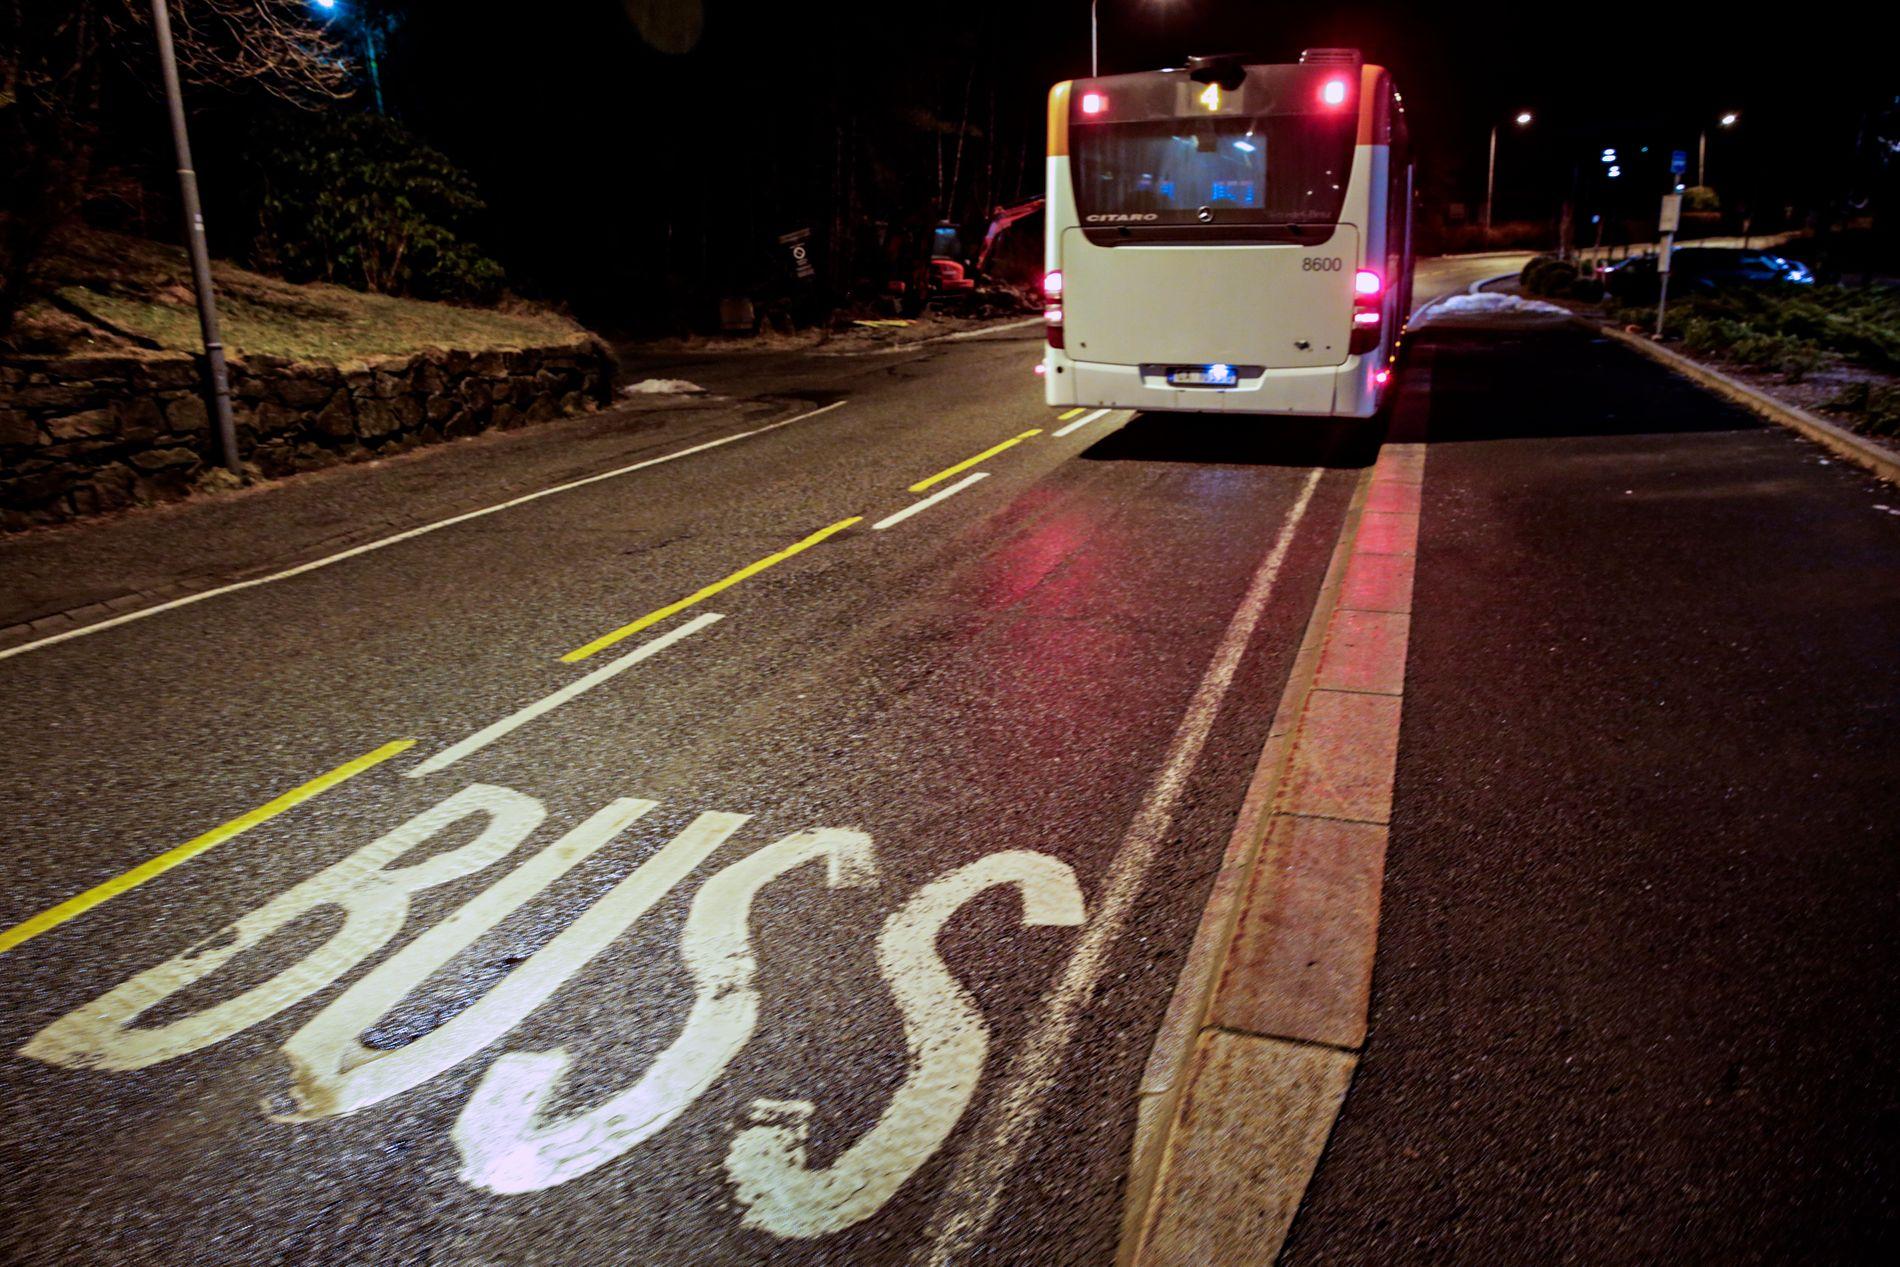 KANTSTOPP: Statens vegvesen fjerner flere busstopp, noe som sinker både vanlig trafikk og andre busser, mener innsenderen.